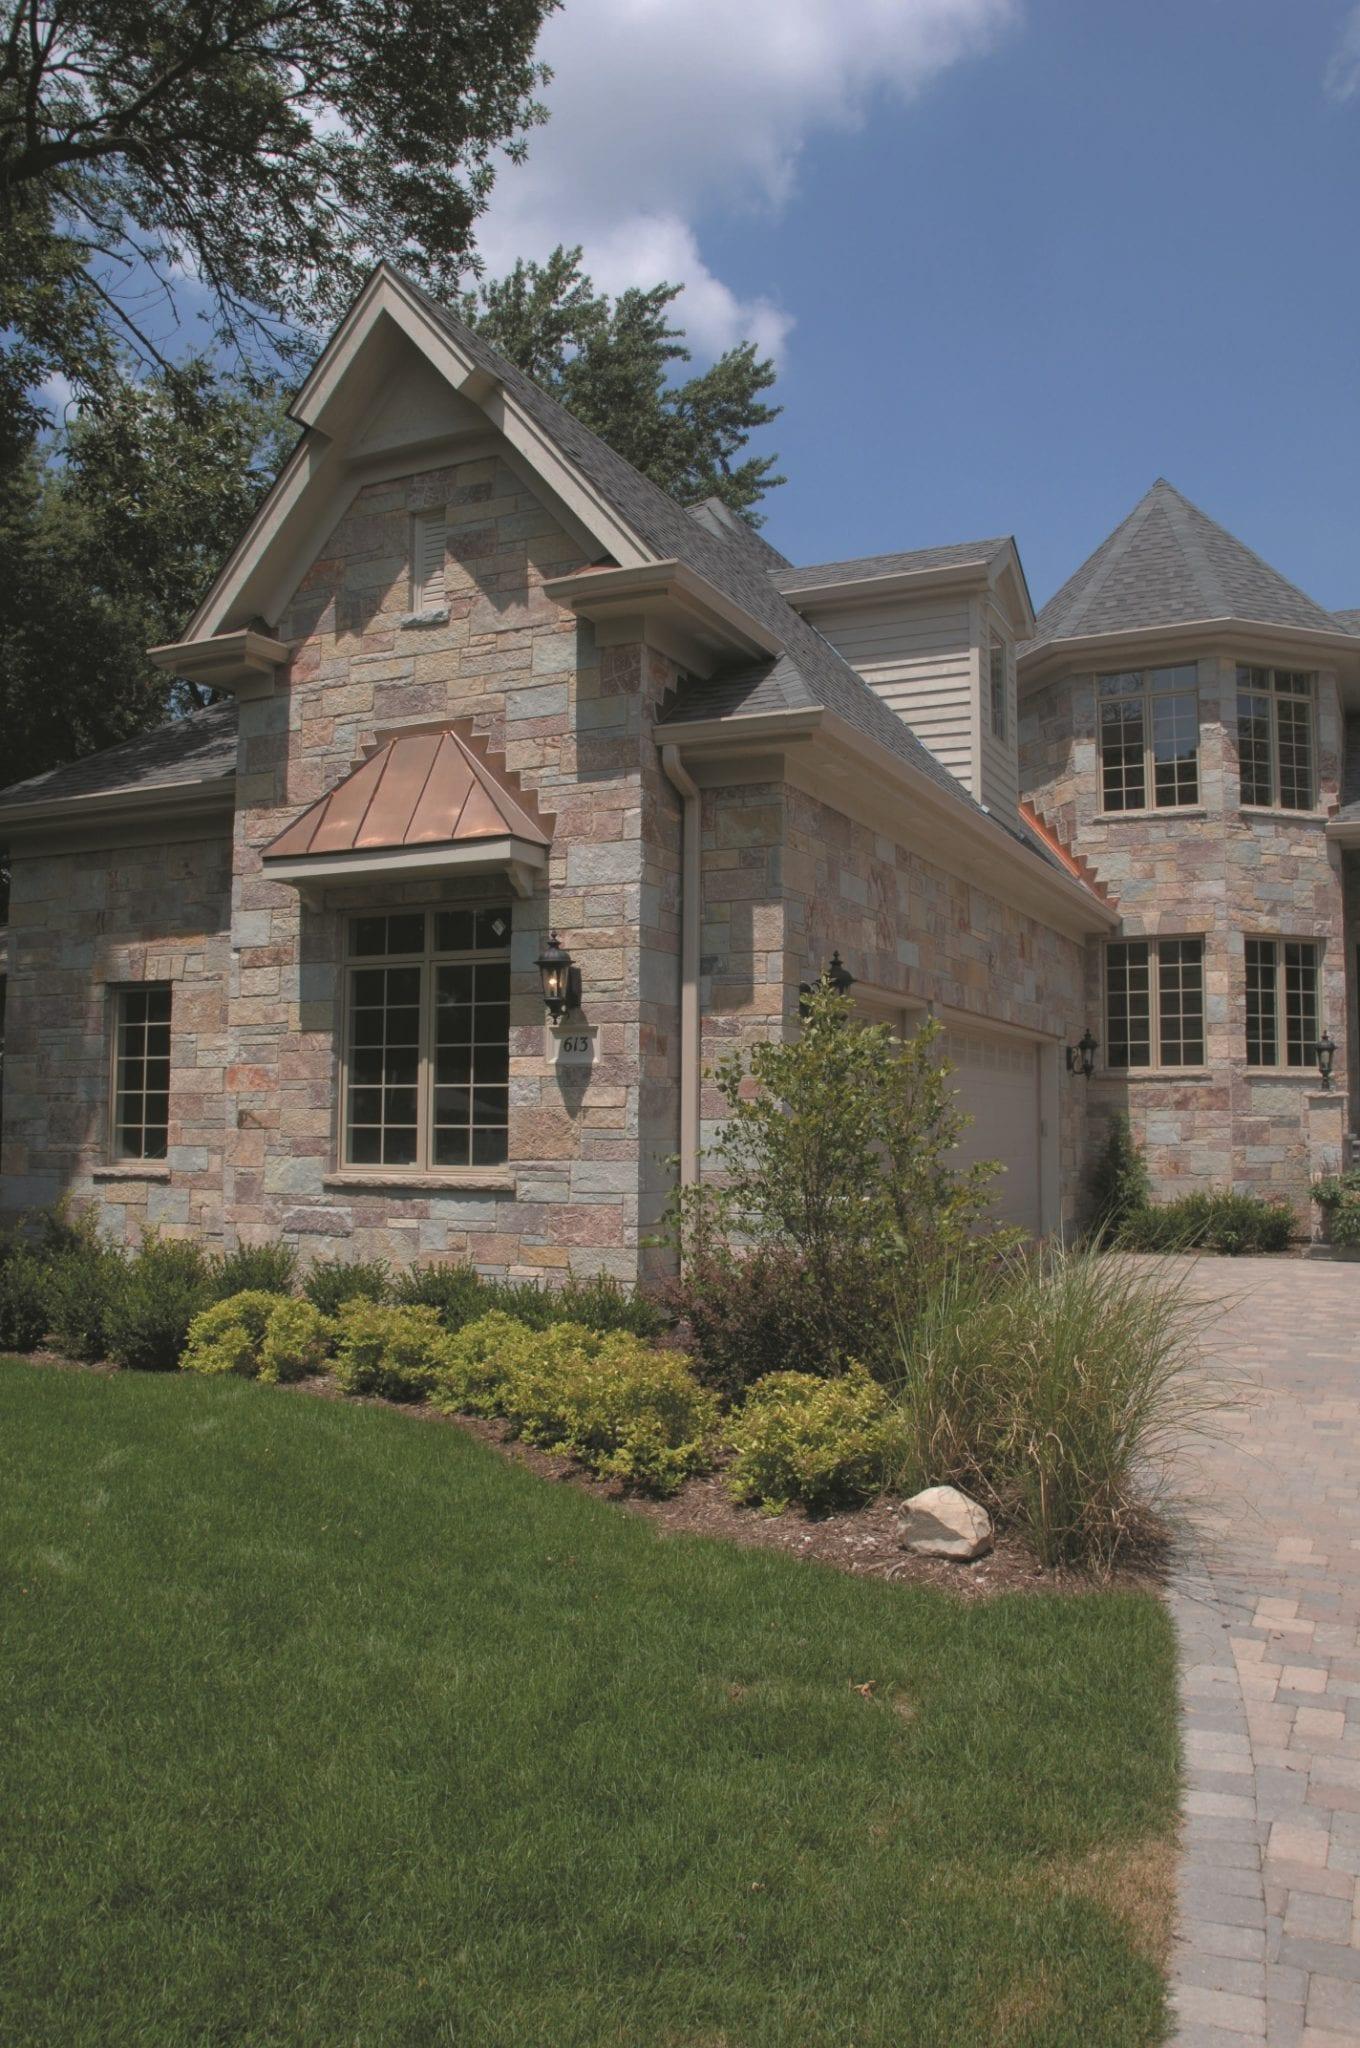 Ambrose Colorful Limestone Thin Veneer Architecture